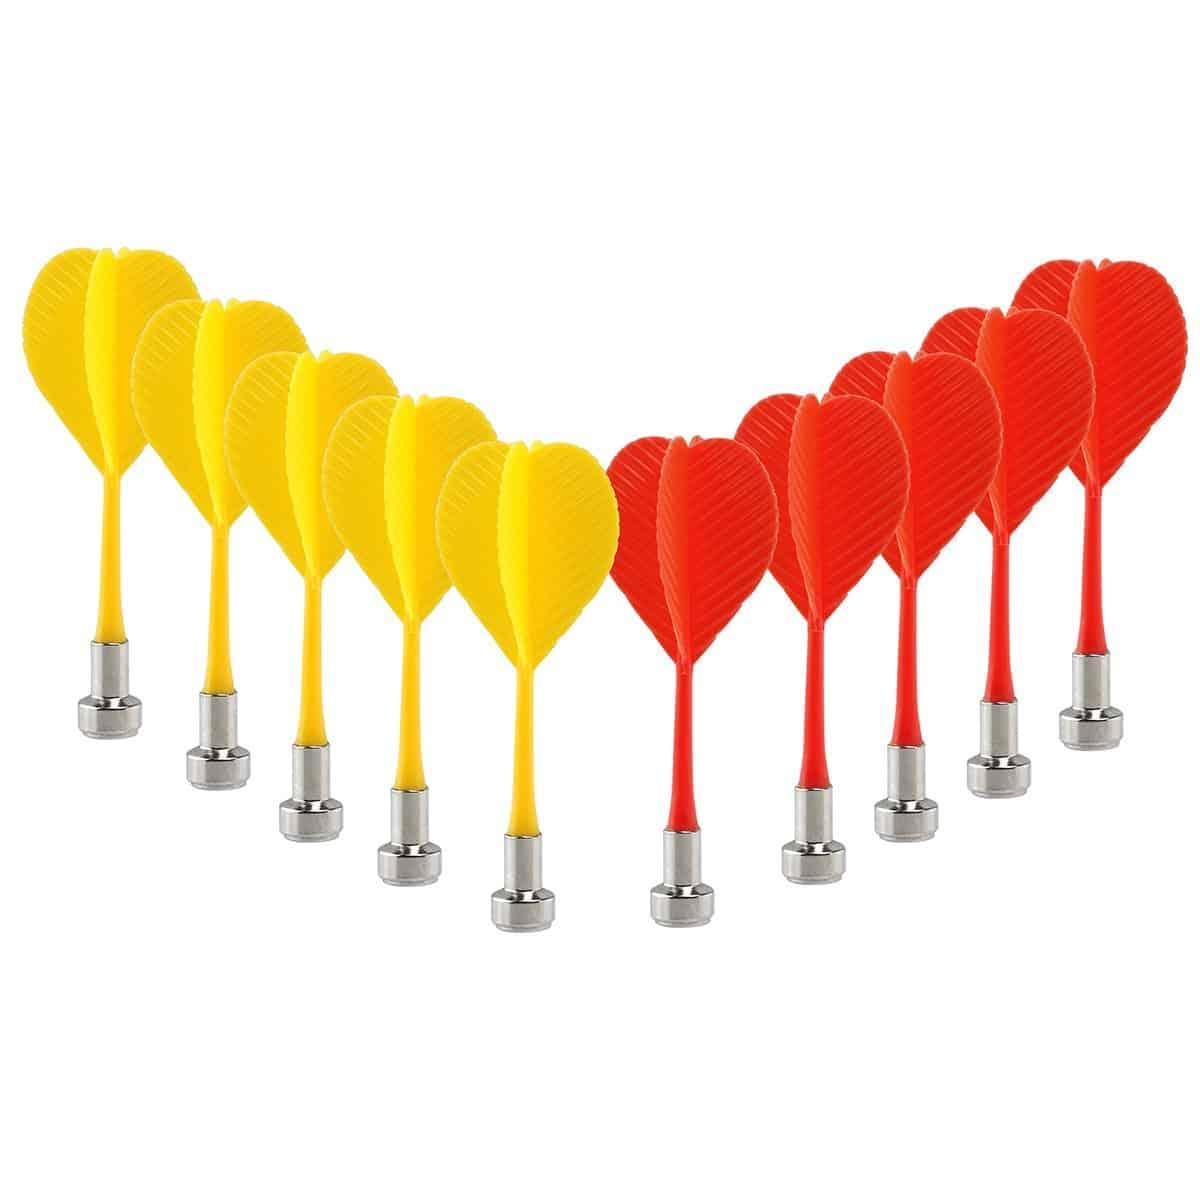 10pcs Replacement Durable Safe Plastic